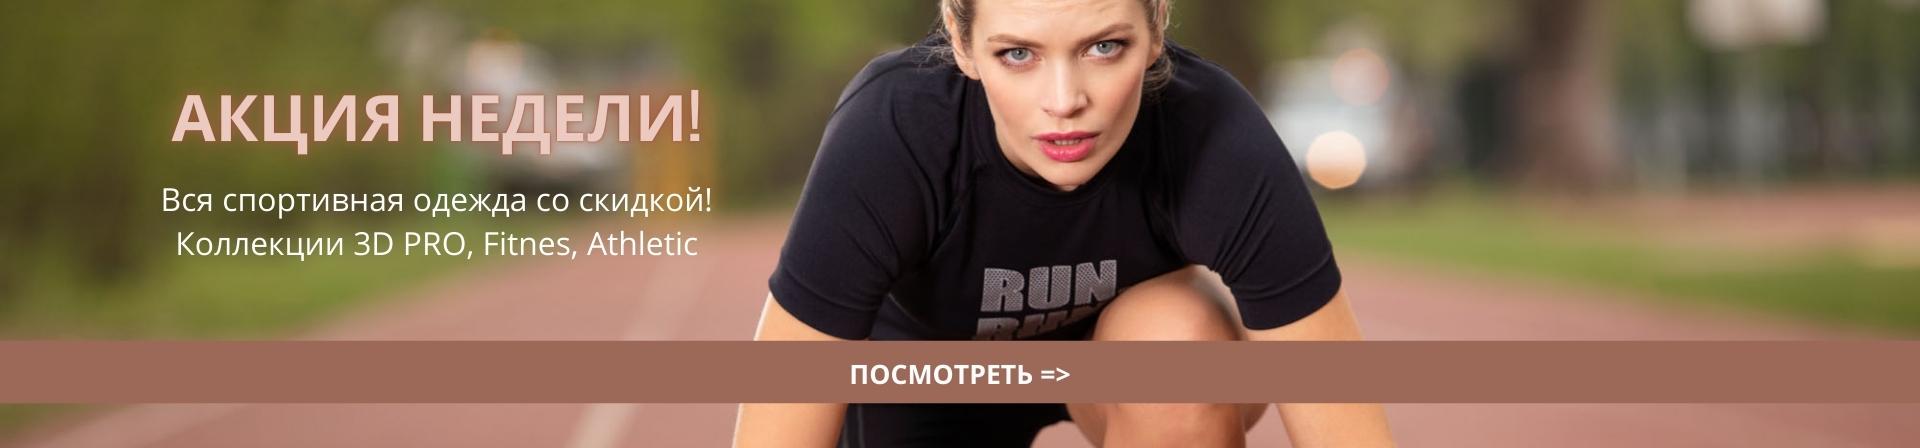 Распродажа спортивной одежды Brubeck